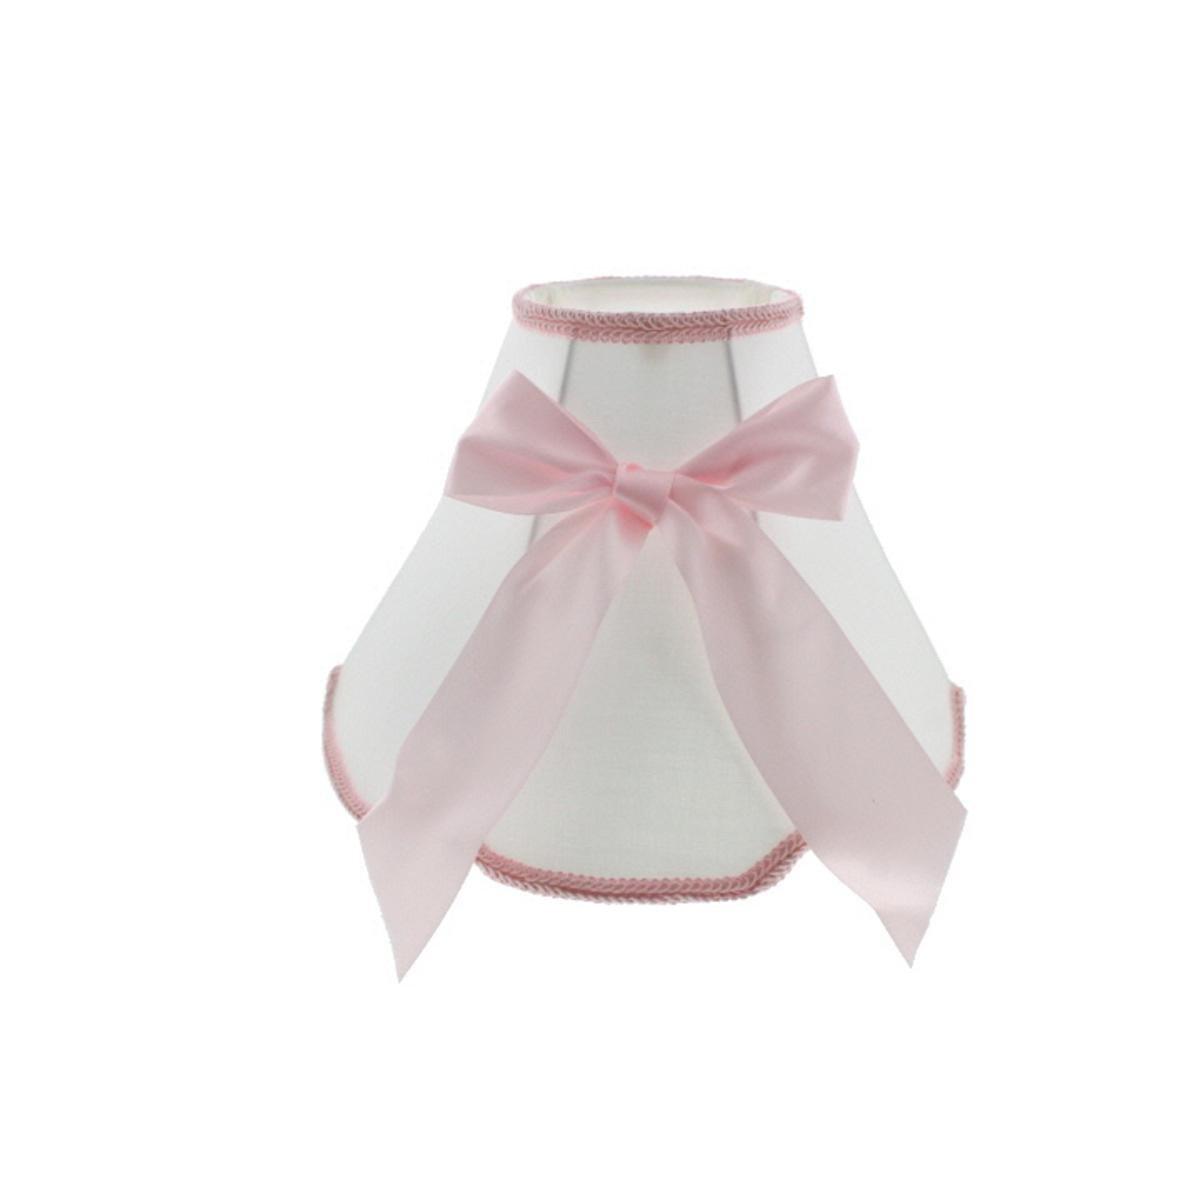 Koala Baby Ribbon Baby Girl Nursery Lamp Shade Pink by Koala Baby